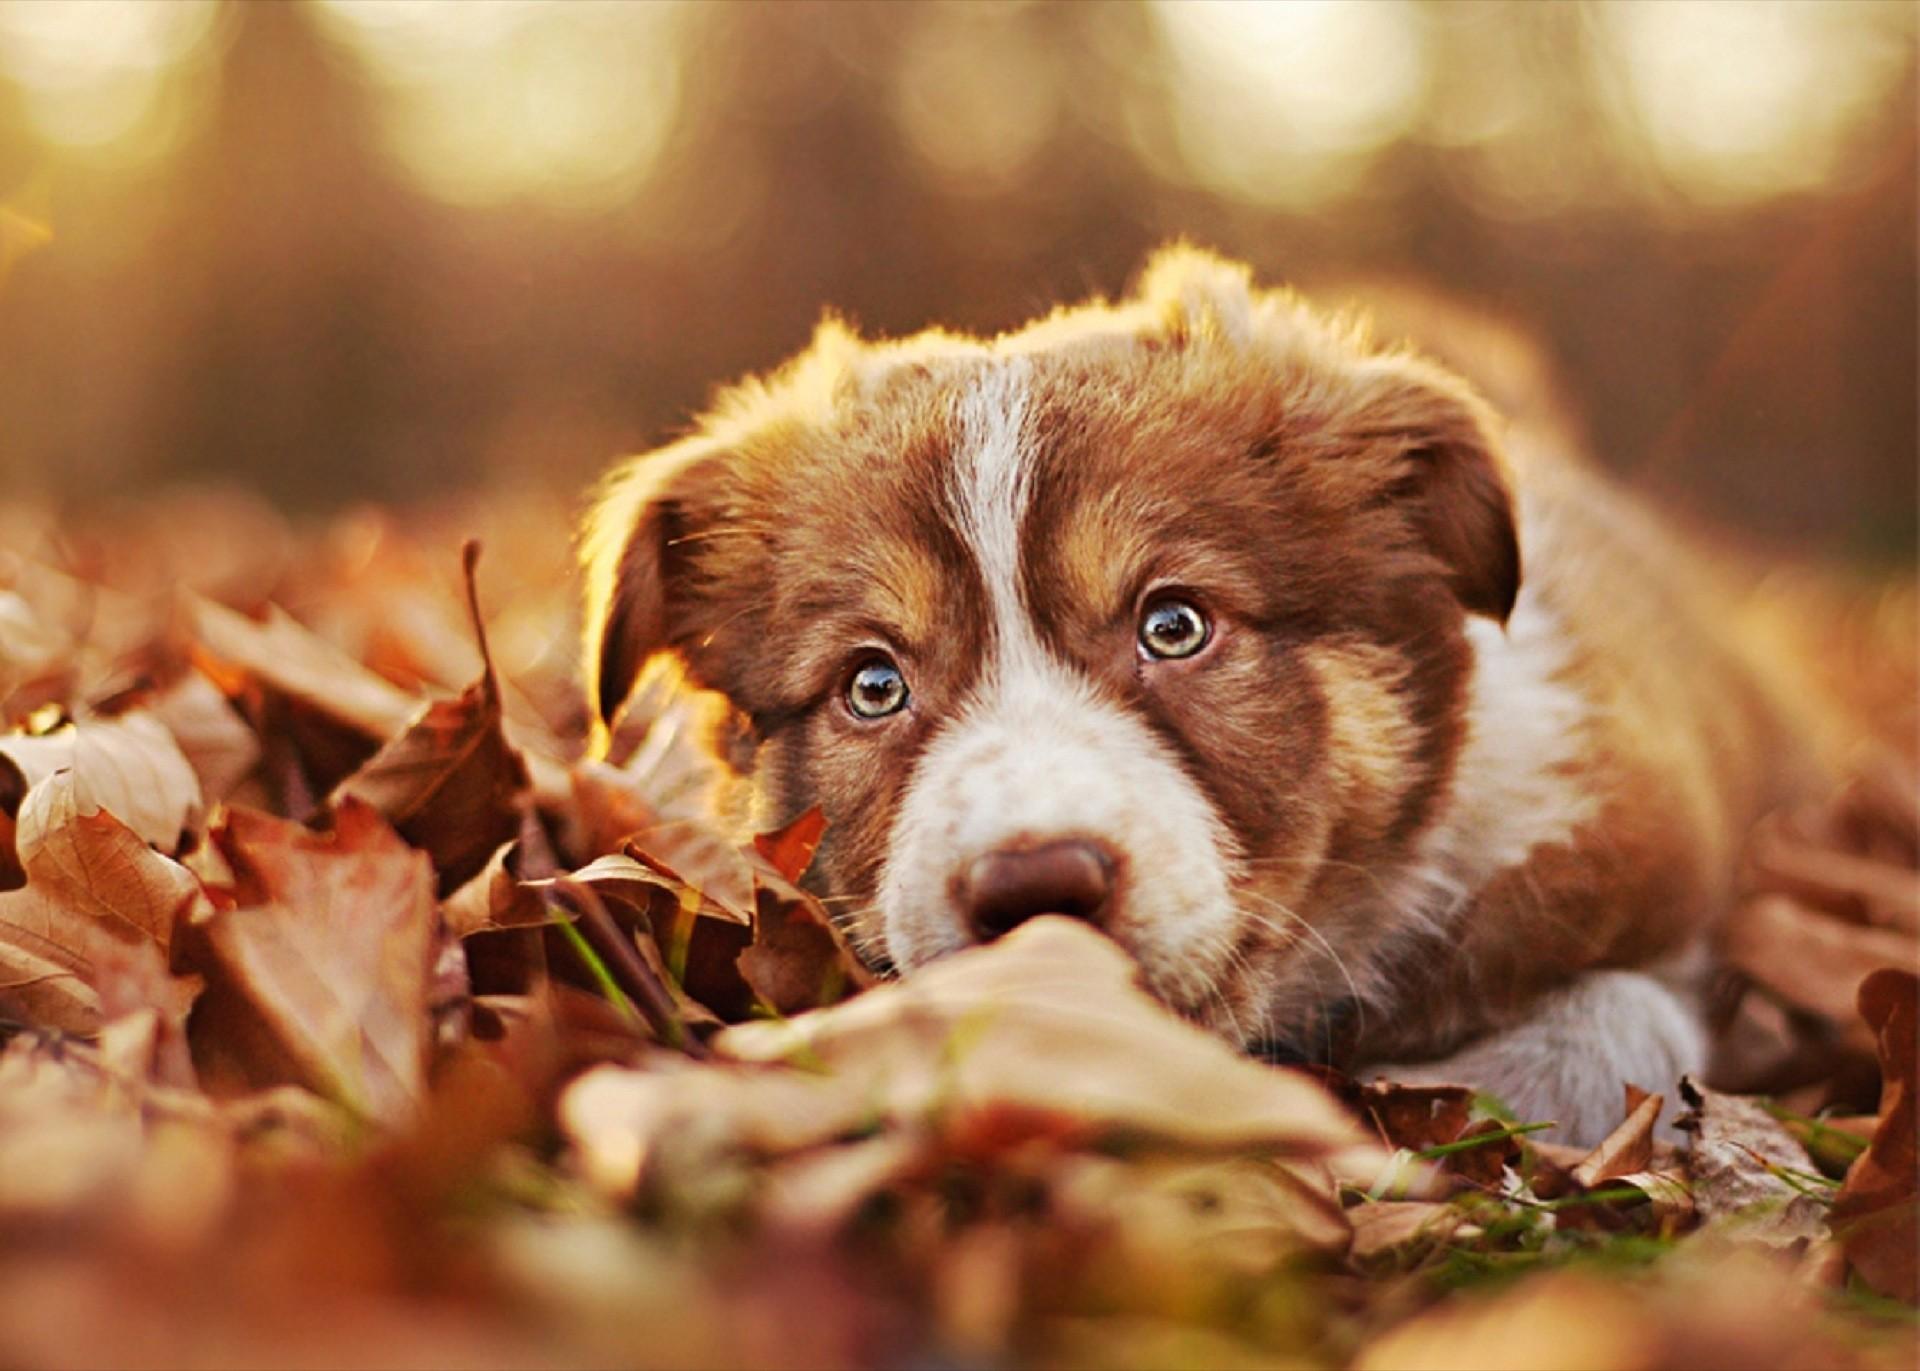 Sfondi cani 61 immagini for Immagini hd gratis